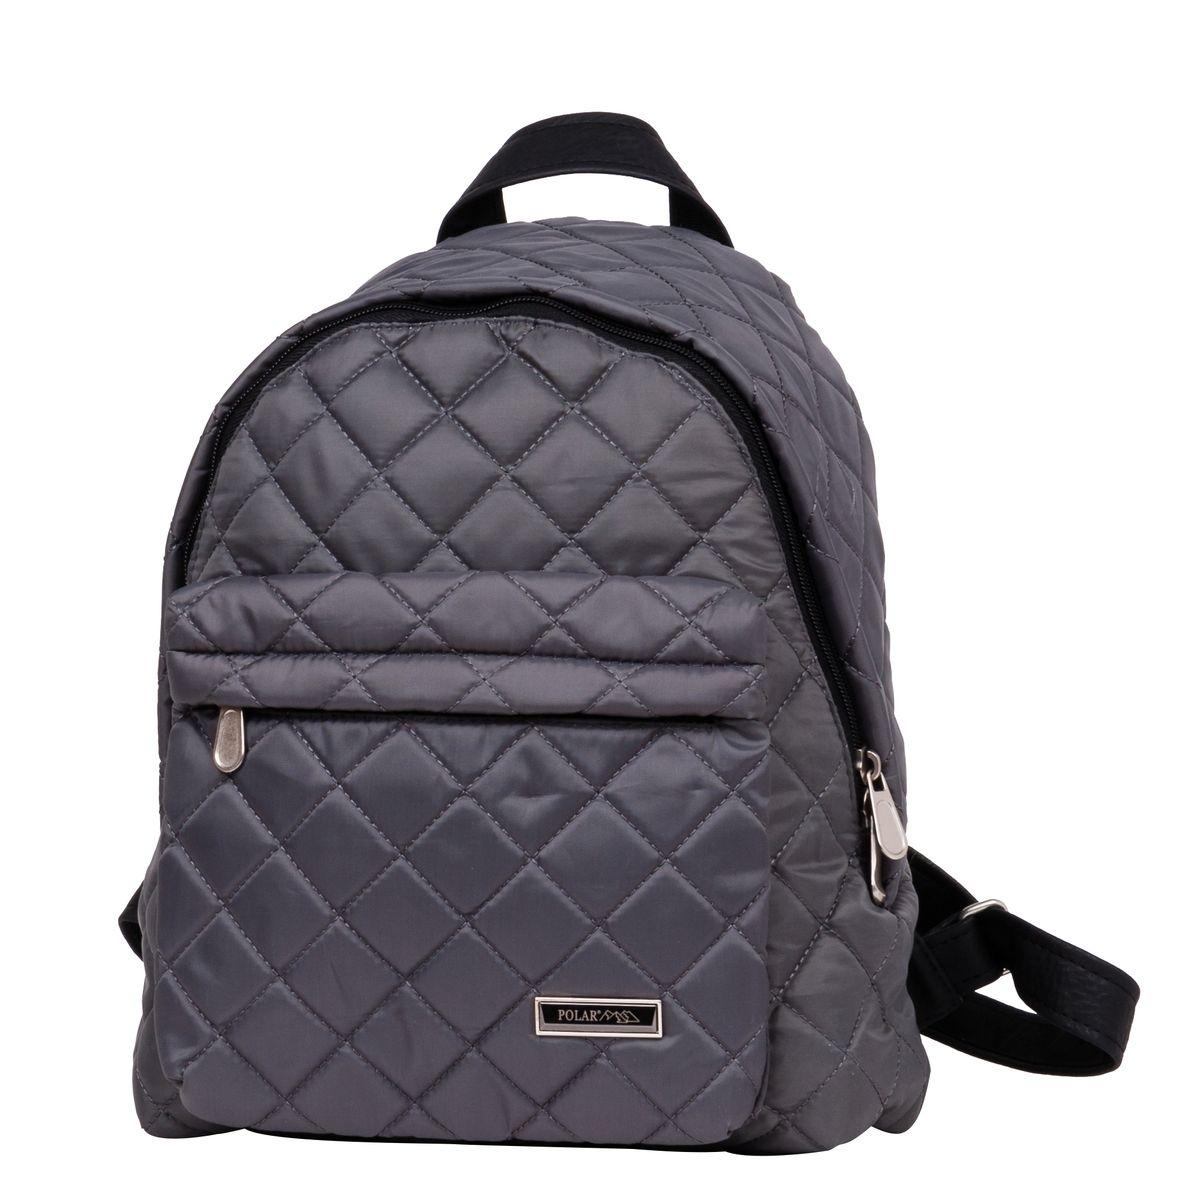 Рюкзак городской Polar, цвет: серый, 16 л. п7074-06 рюкзак городской polar цвет синий 16 л п7074 04 page 3